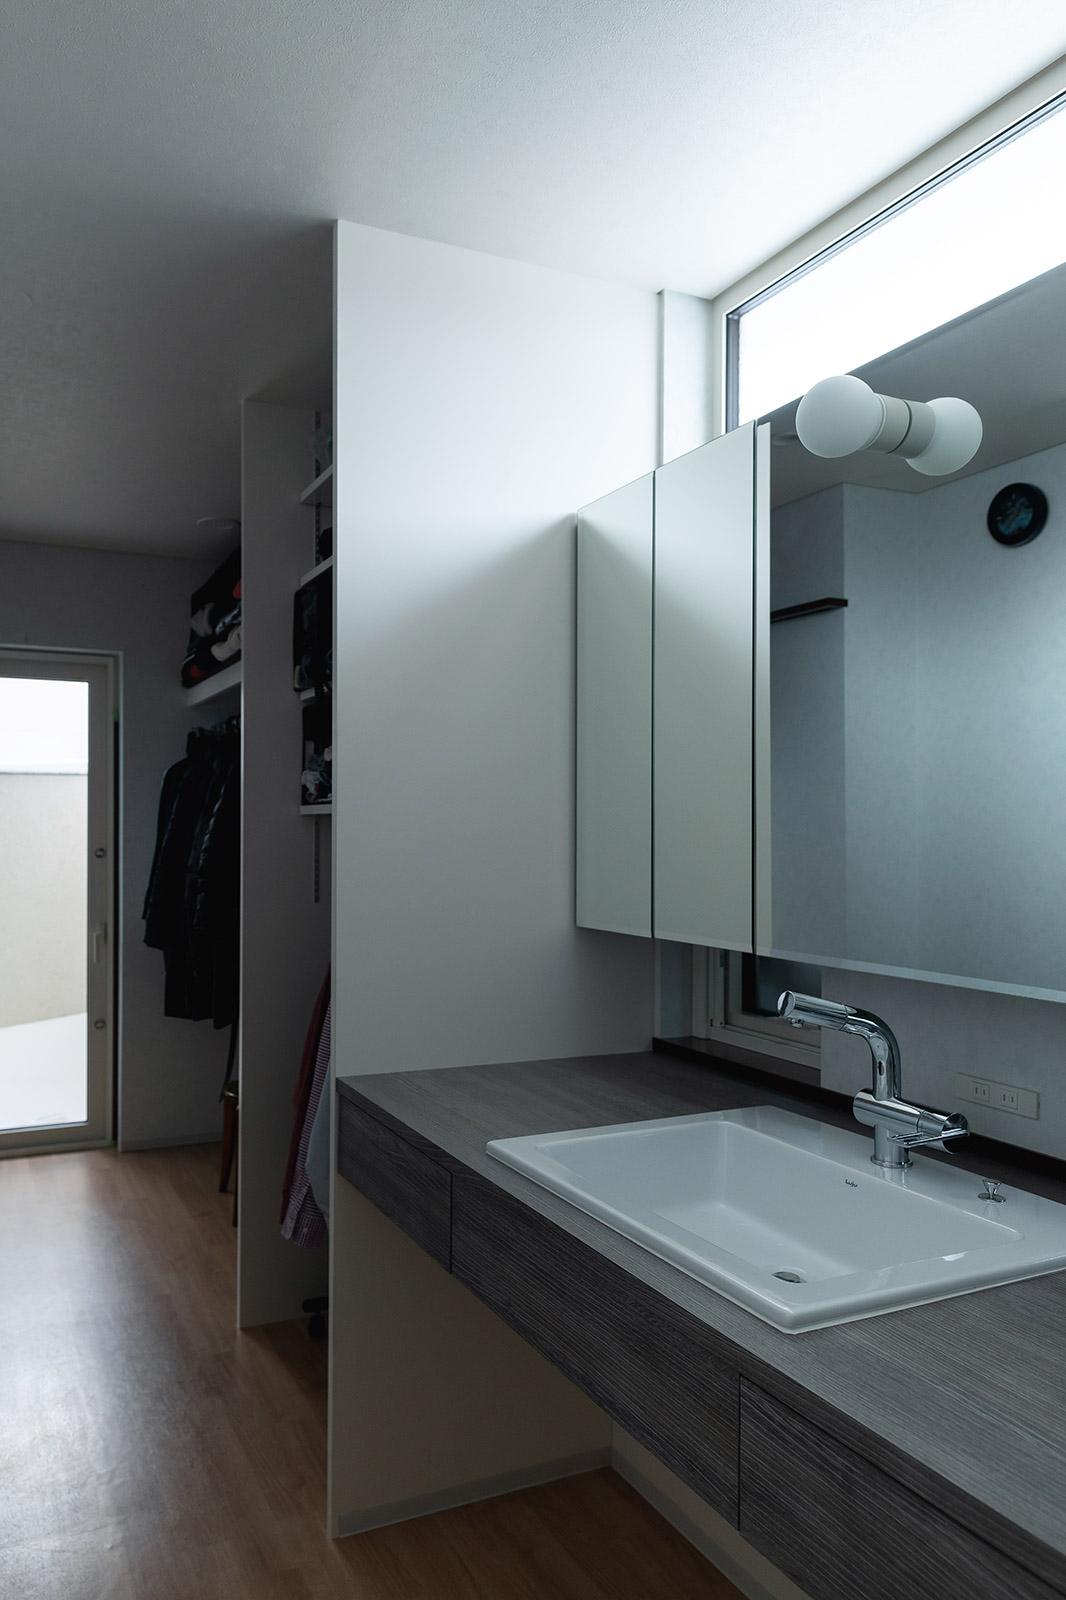 2階のMさん夫妻の居住スペースには、ウォークインクローゼットのほか、朝の身支度に便利な洗面台が別途設けられている